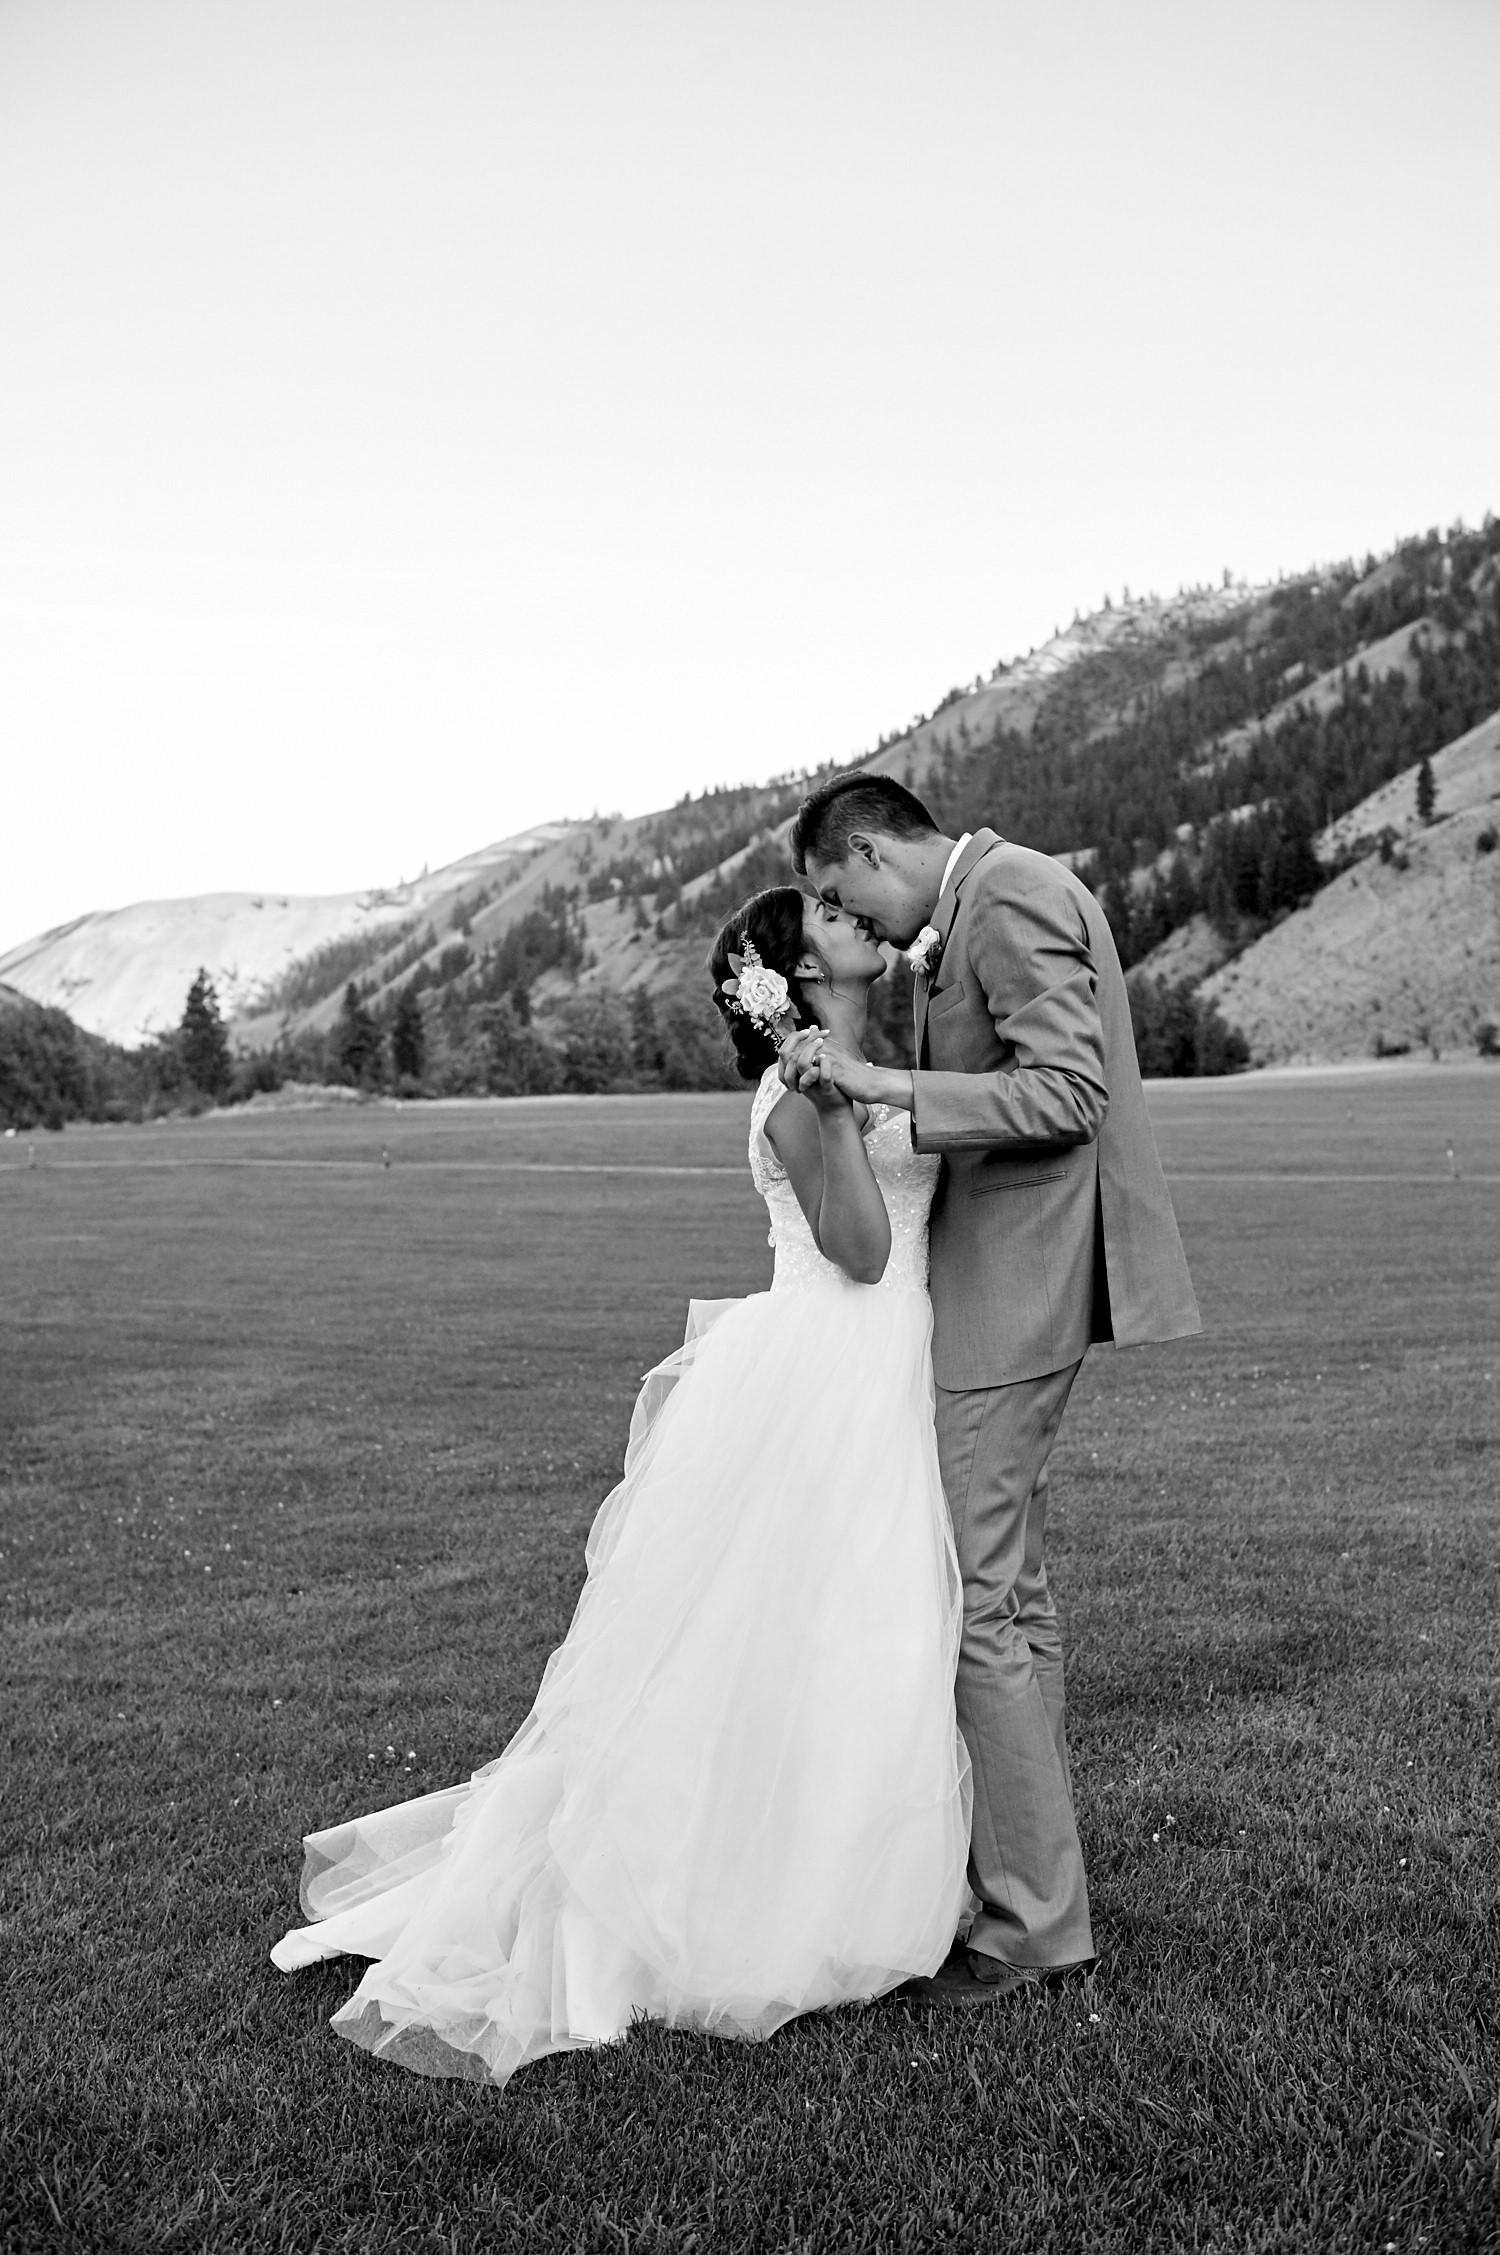 web - T & K wedding__FHX3114 1.jpg